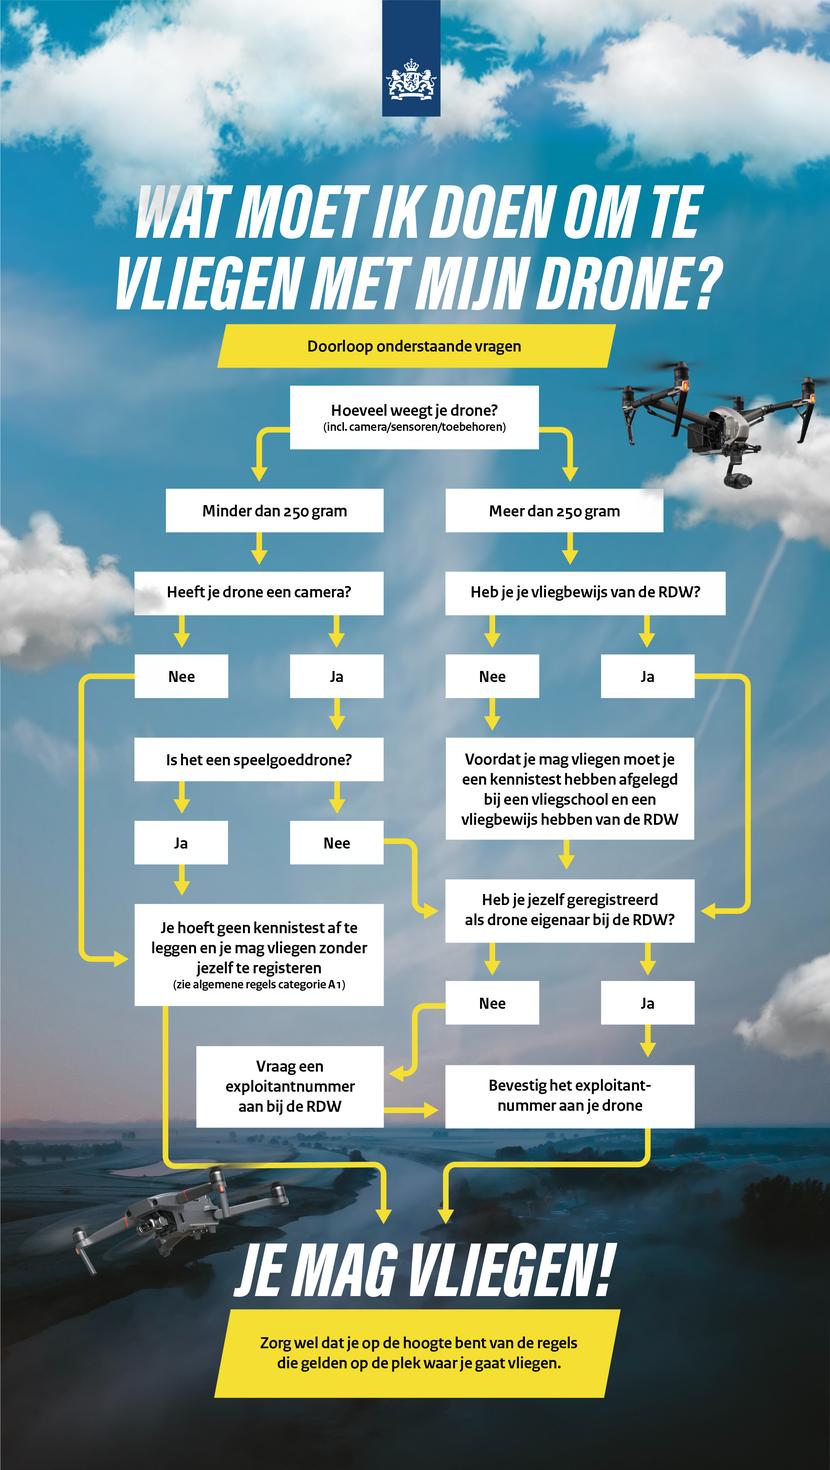 https://www.rijksoverheid.nl/binaries/medium/content/gallery/rijksoverheid/content-afbeeldingen/onderwerpen/drone/drones_infographic.png